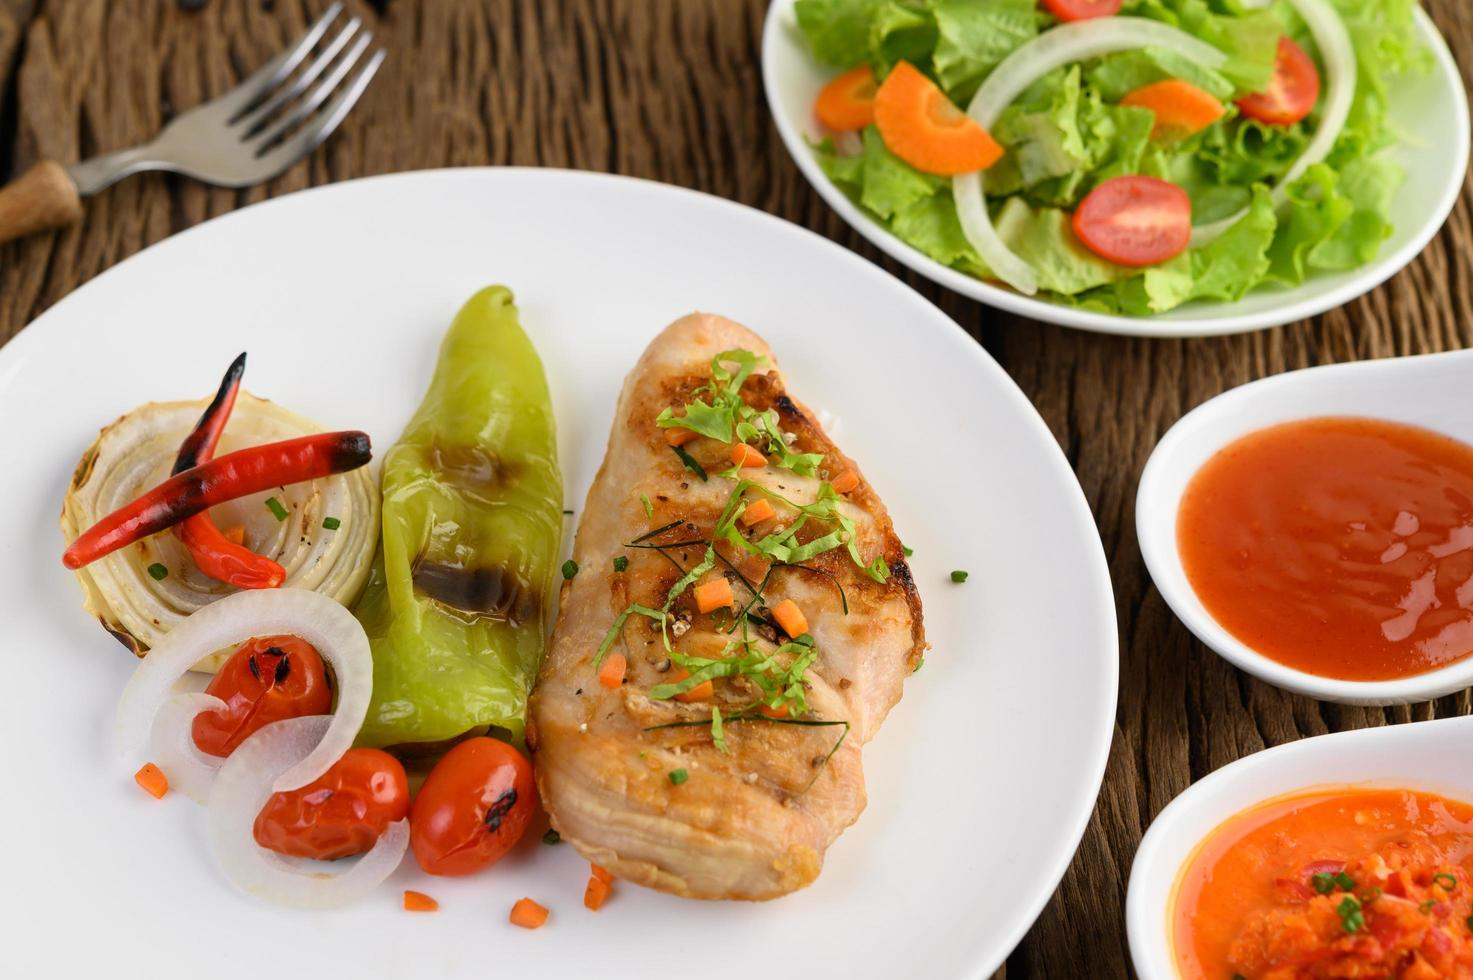 Gegrilltes Hähnchen mit gegrilltem Gemüse und Salat foto